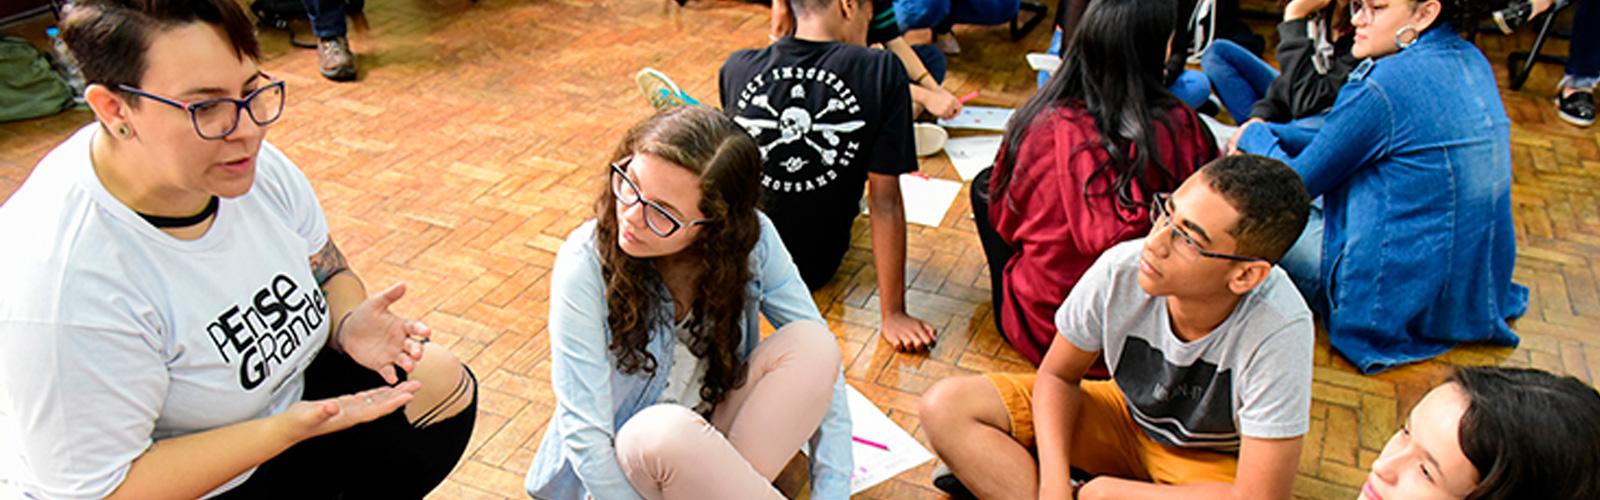 Jovens e formadores do programa Pense Grande estão sentados no chão em grupos, formando círculos.